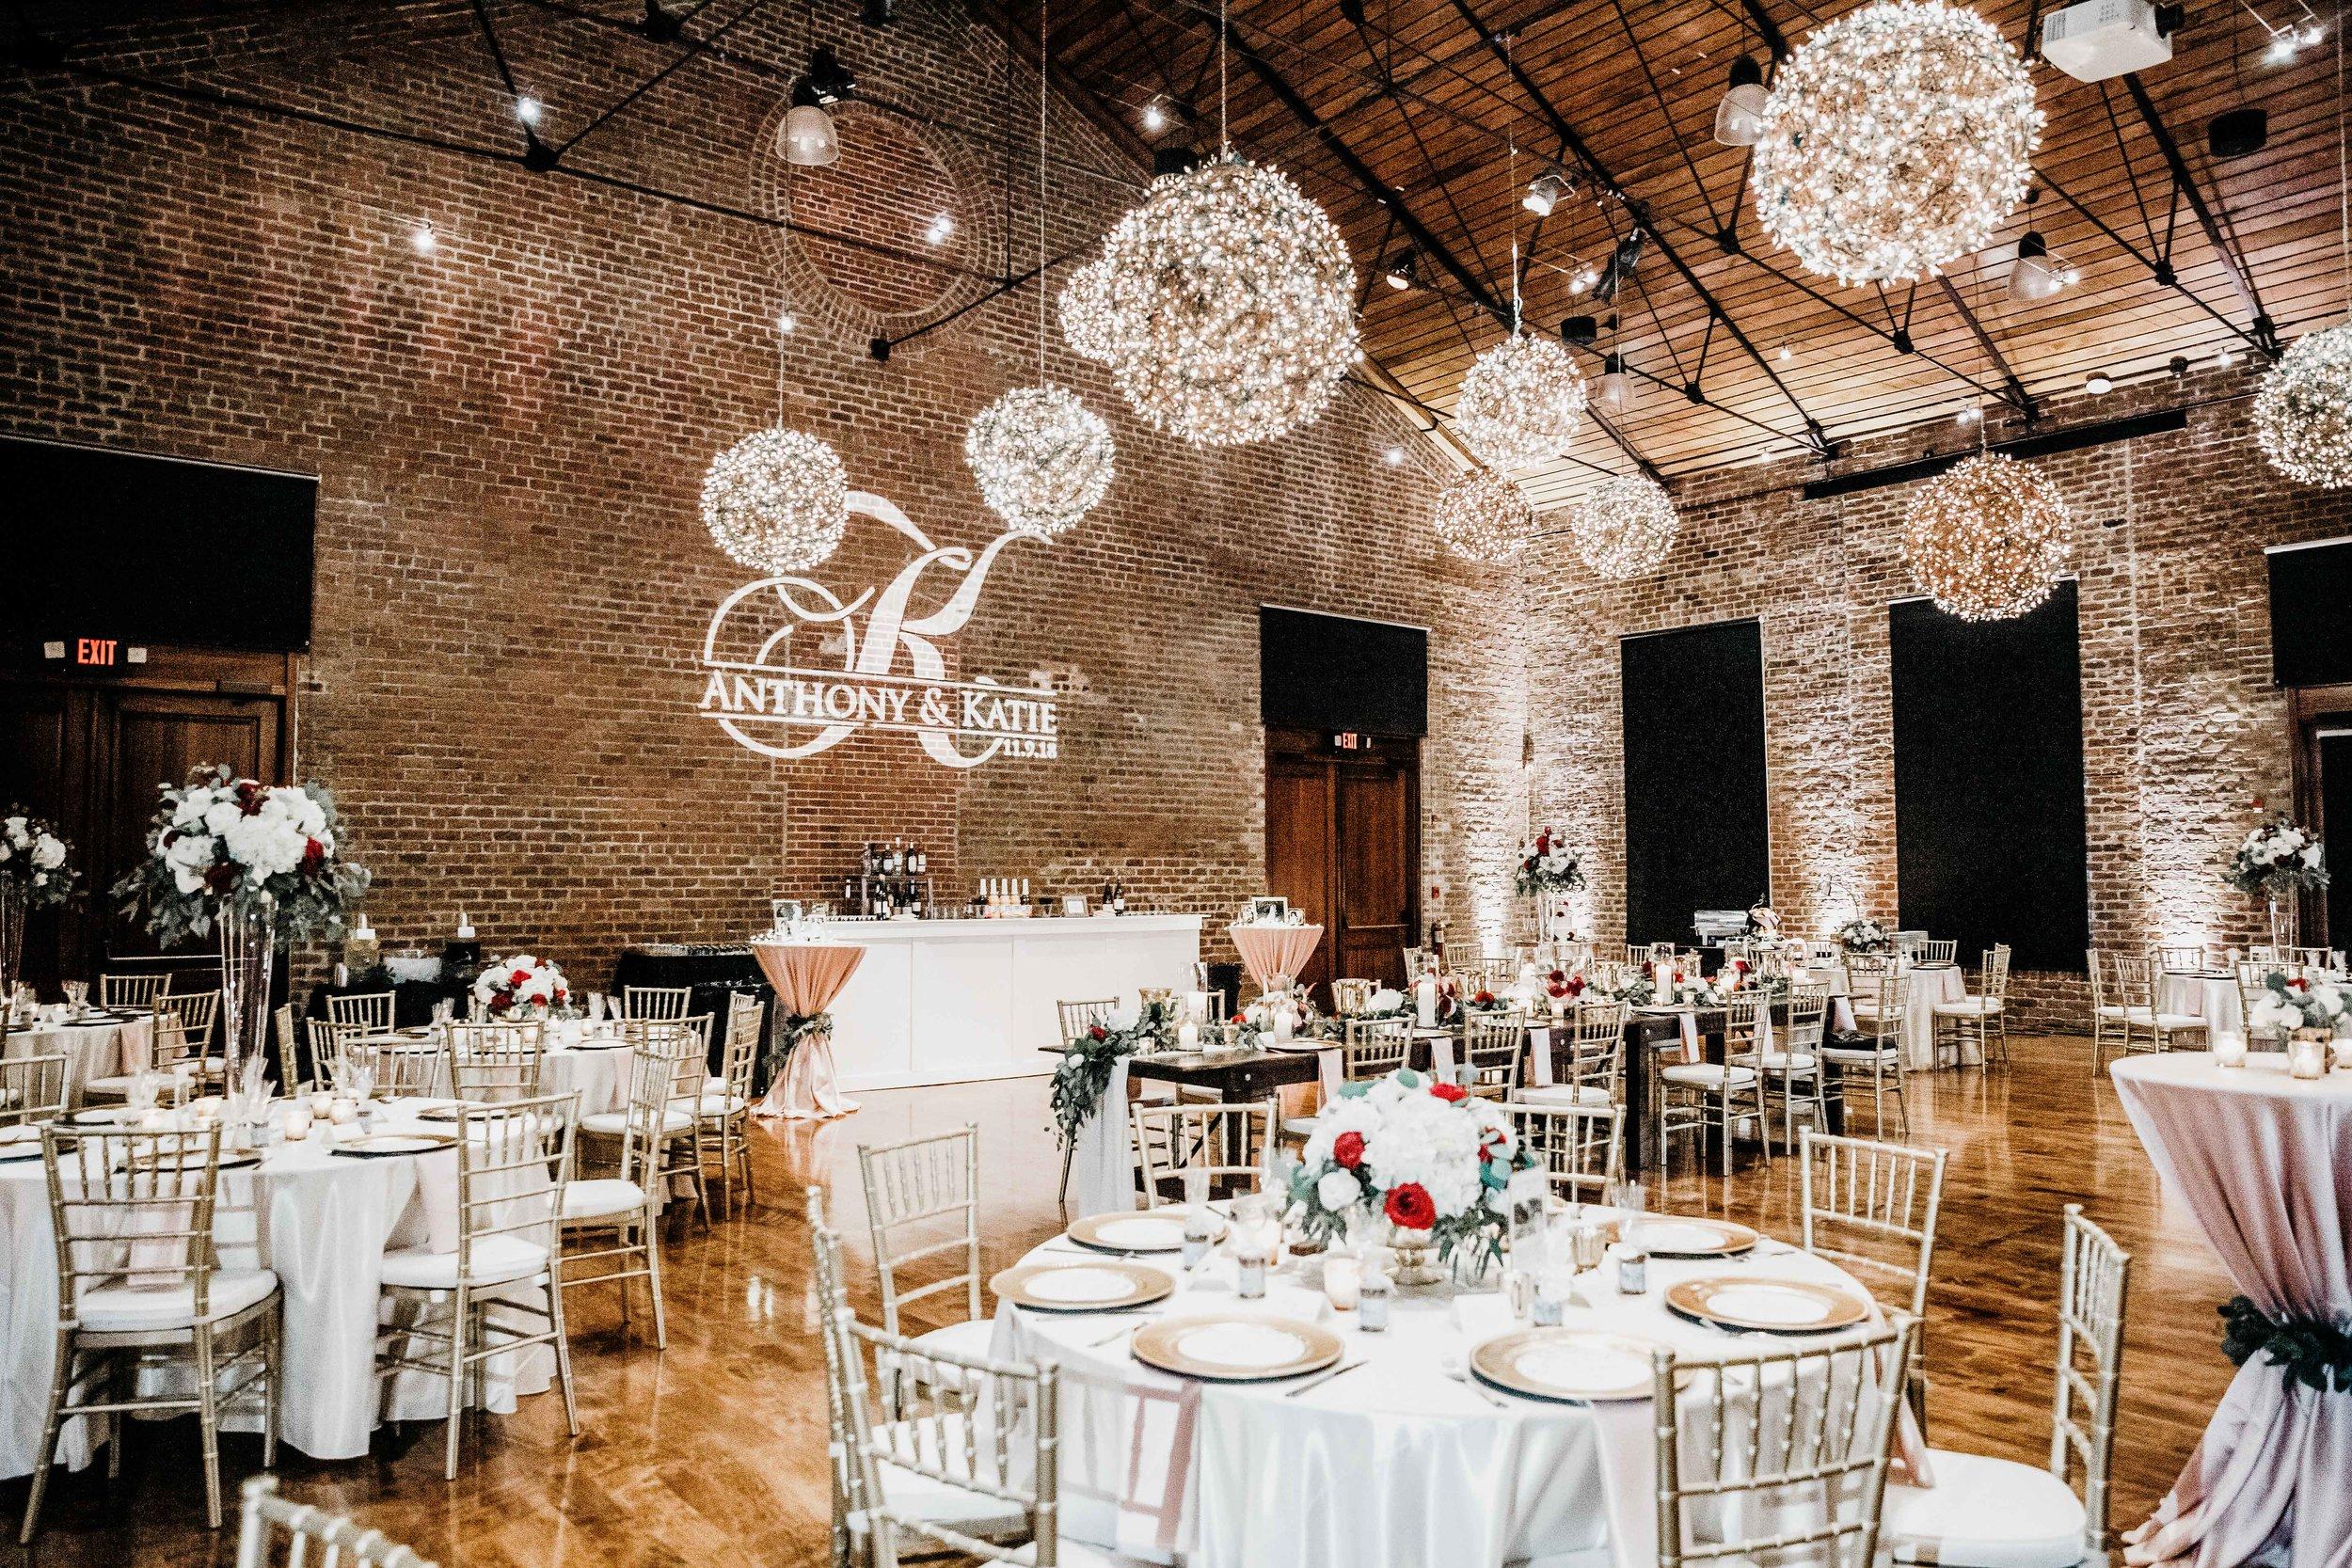 20181109Georgia-Savannah-savannah wedding photography28.jpg